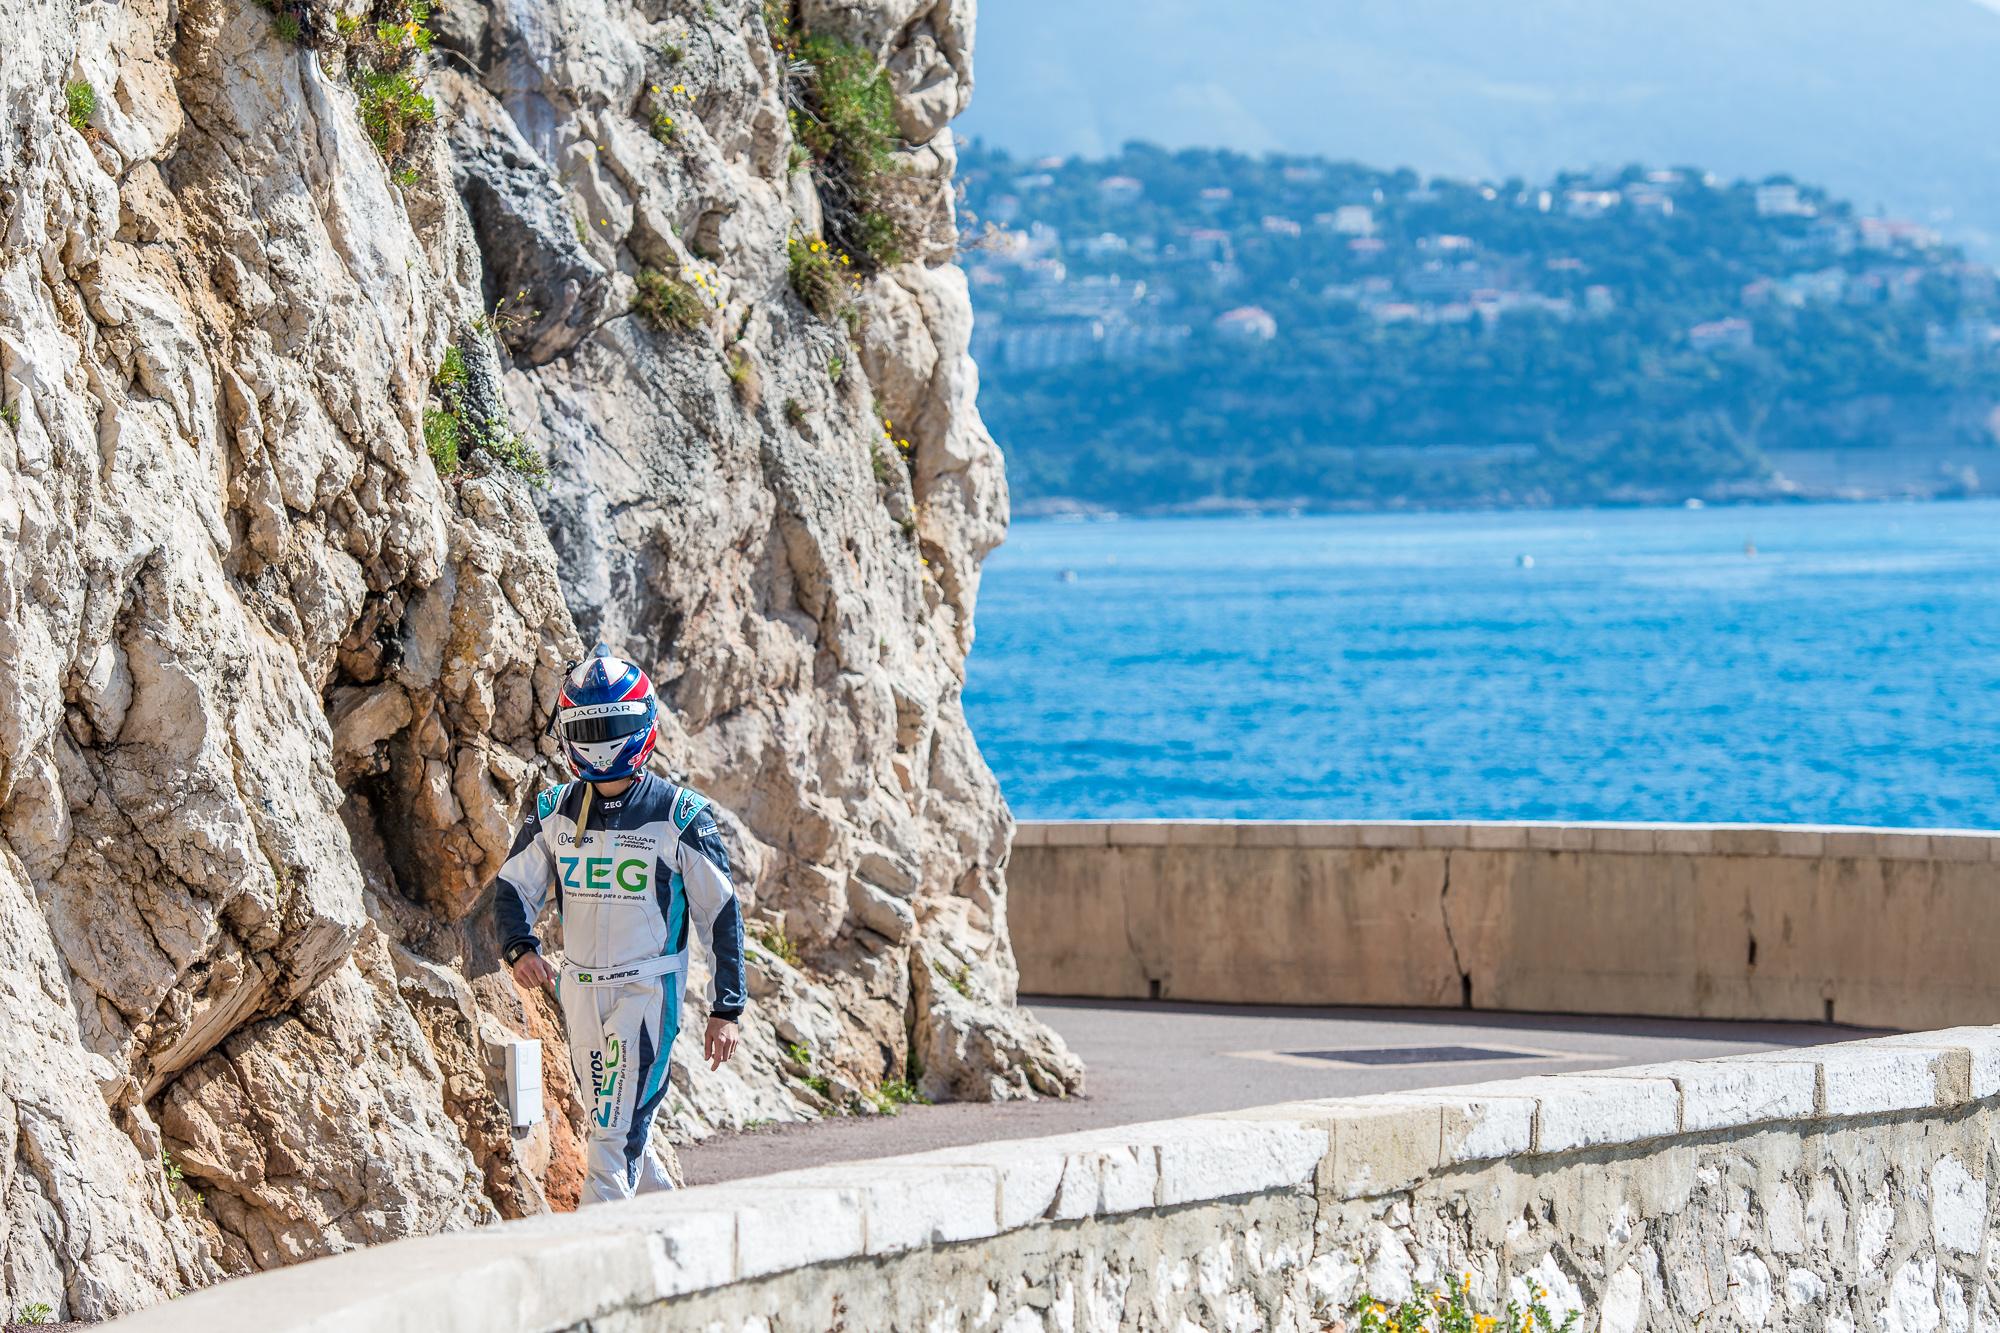 Jaguar_7.Monaco_josemariodias_01034